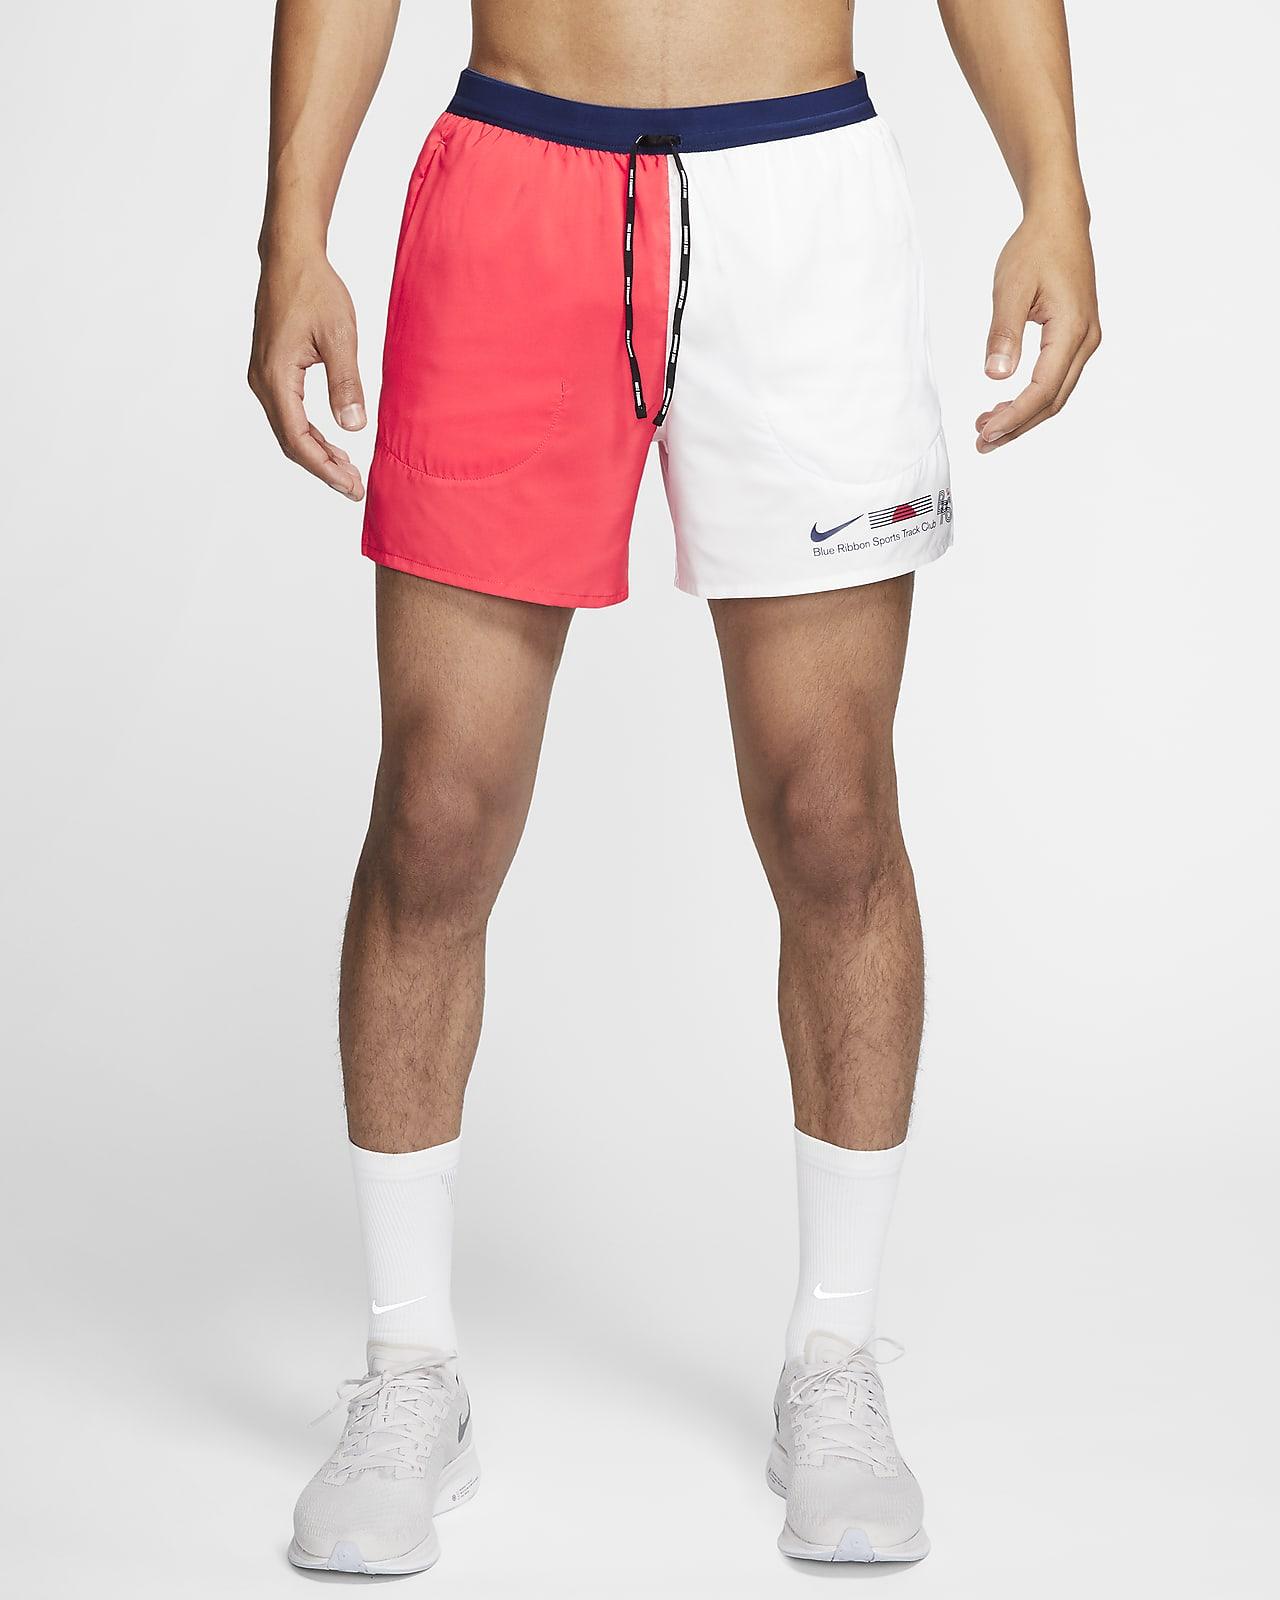 Shorts de running con ropa interior forrada de 13 cm para hombre Nike Flex  Stride Blue Ribbon Sports